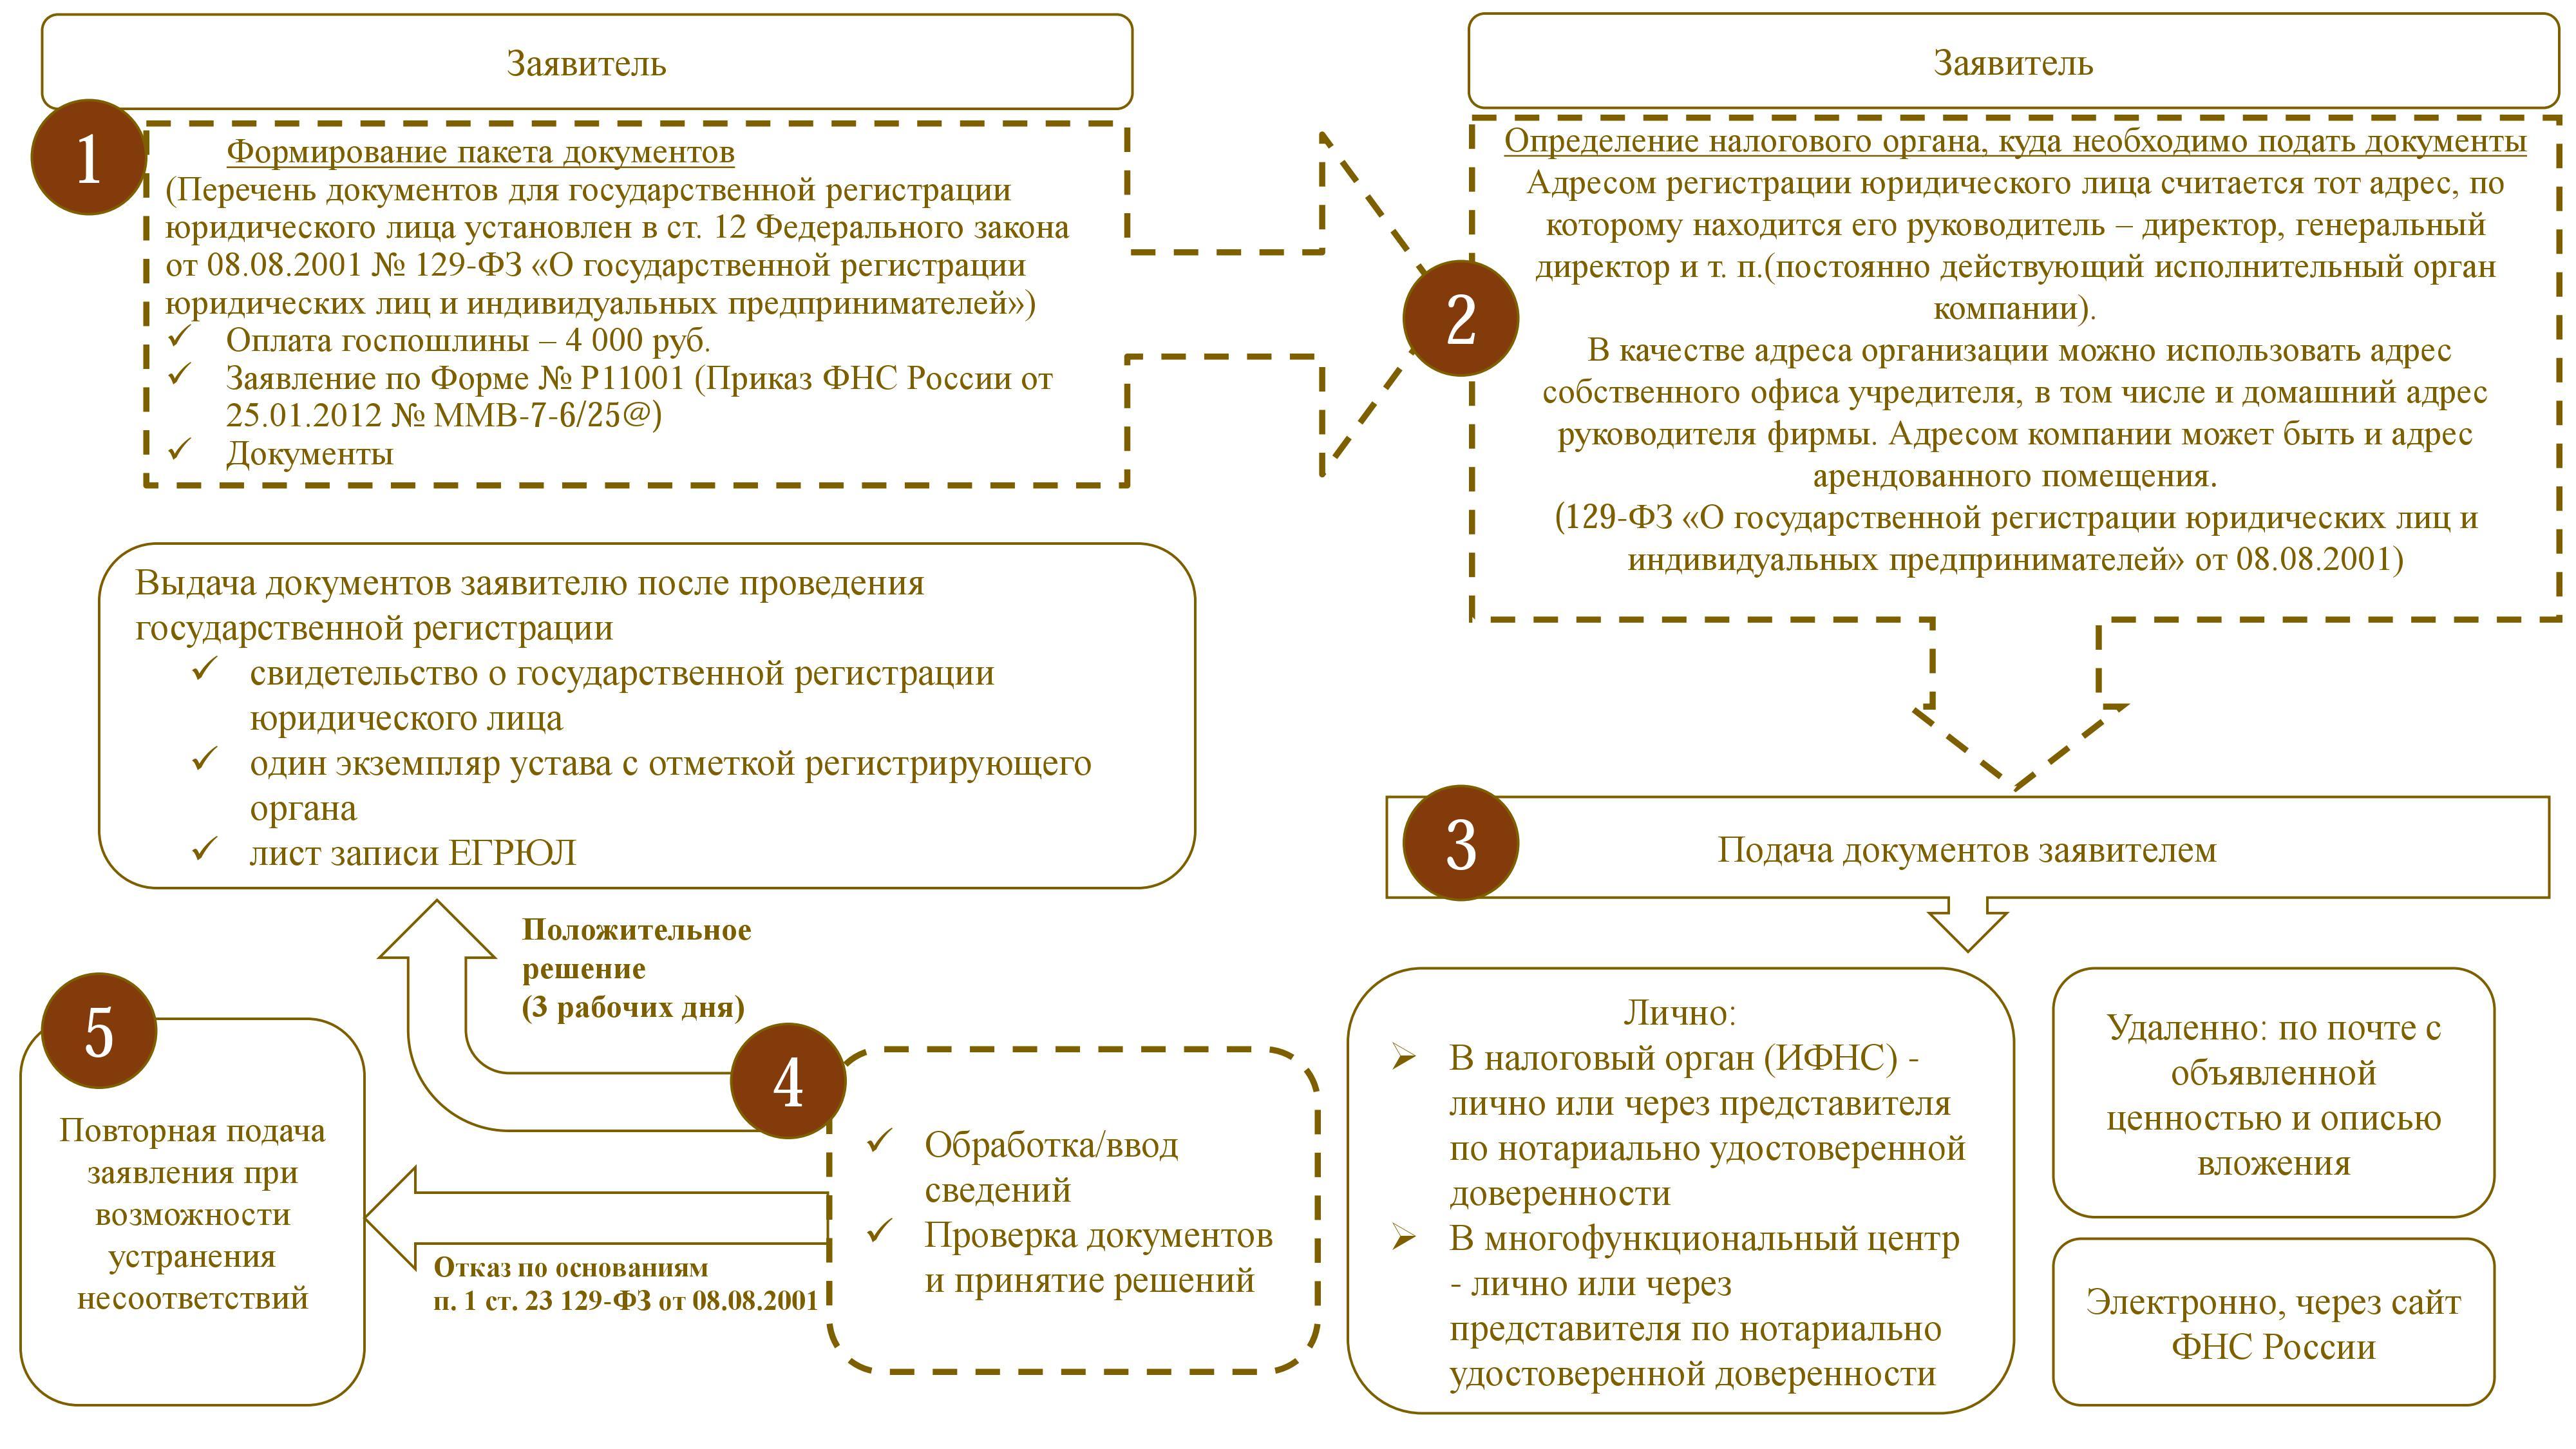 Схема создания юридического лица